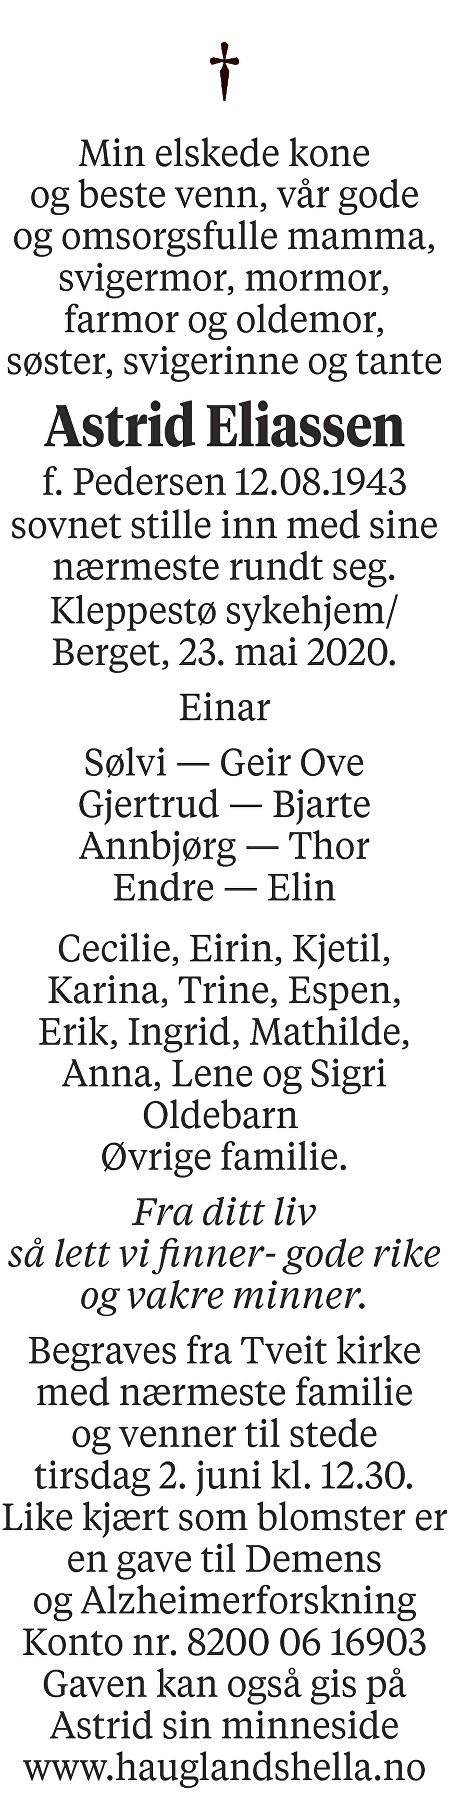 Astrid Eliassen Dødsannonse